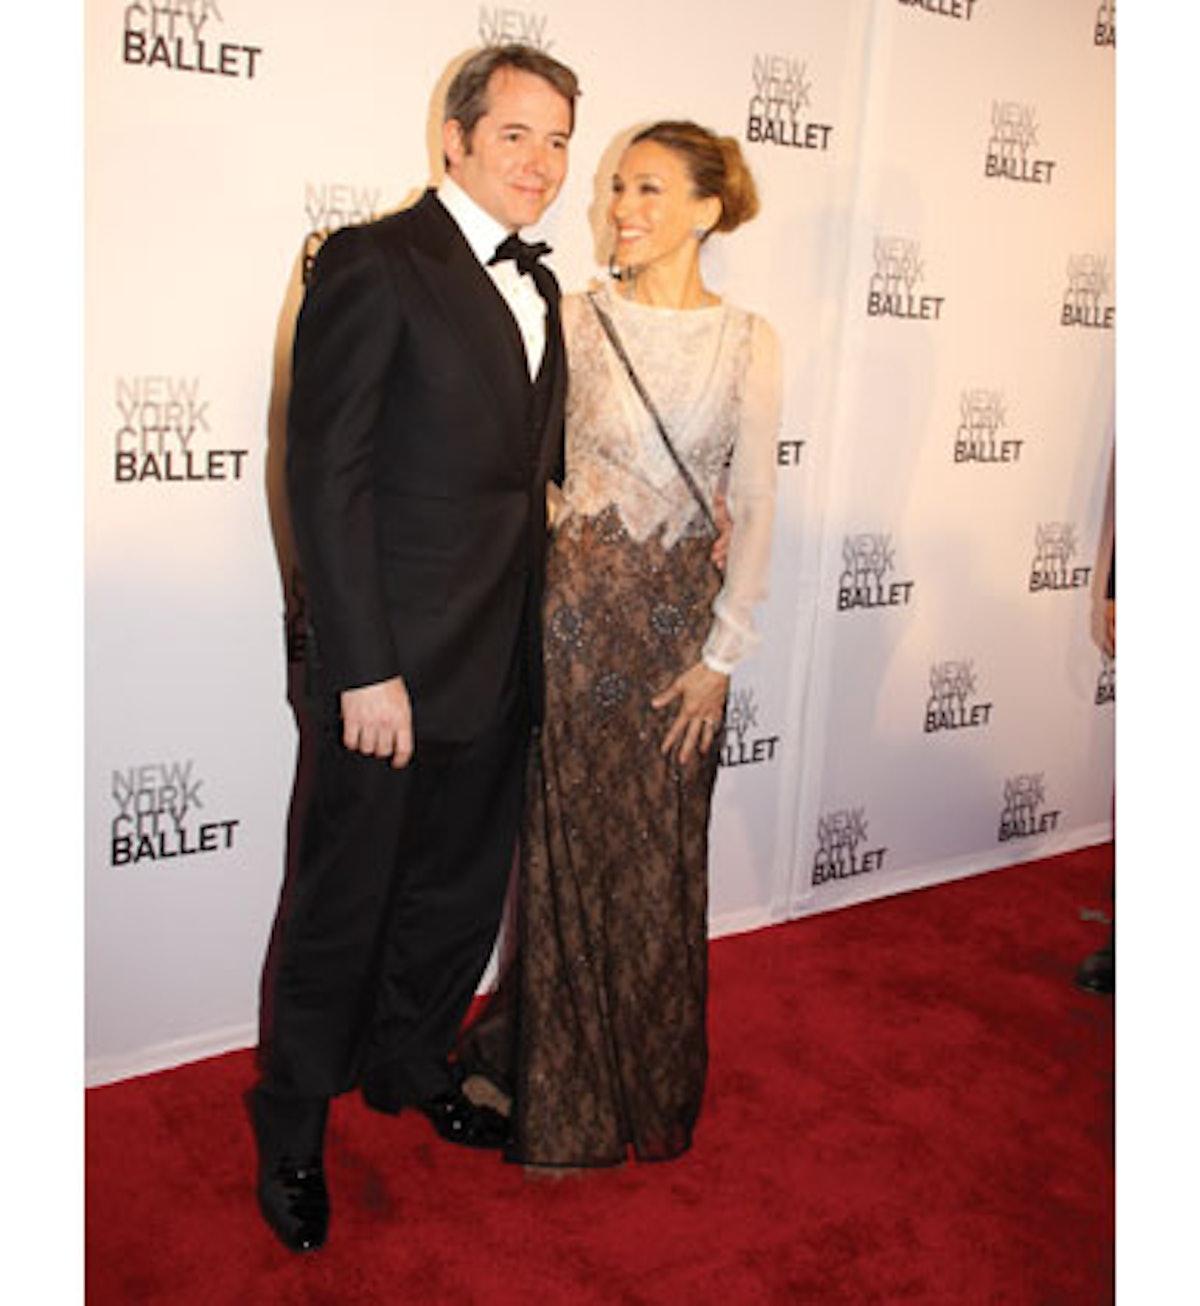 blog-nyc-ballet-spring-gala-07.jpg